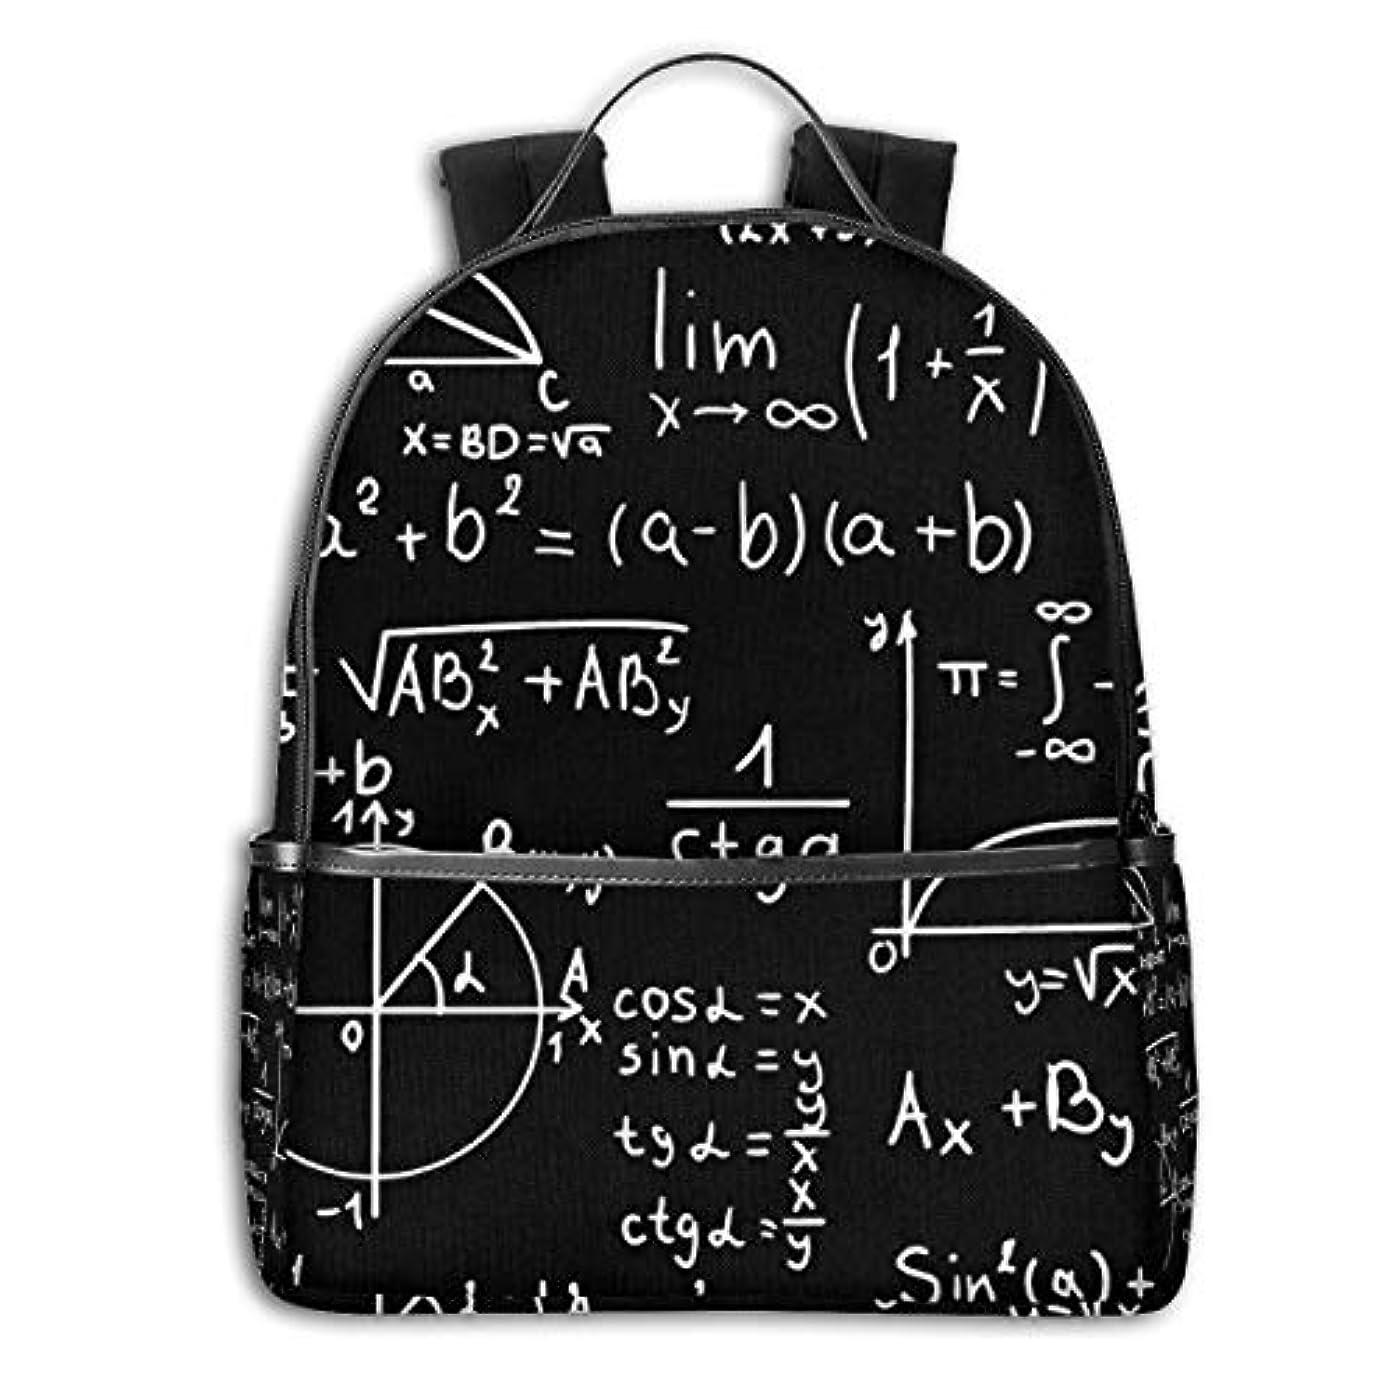 着る悲劇的なストレスの多いZetena リ ュックリュックサック 数学 式 パターン バックパック デイパック おしゃれ 旅行 通学 通勤 15.6インチラップトップ収納可能 アウトドア 遠足 出張 男女兼用